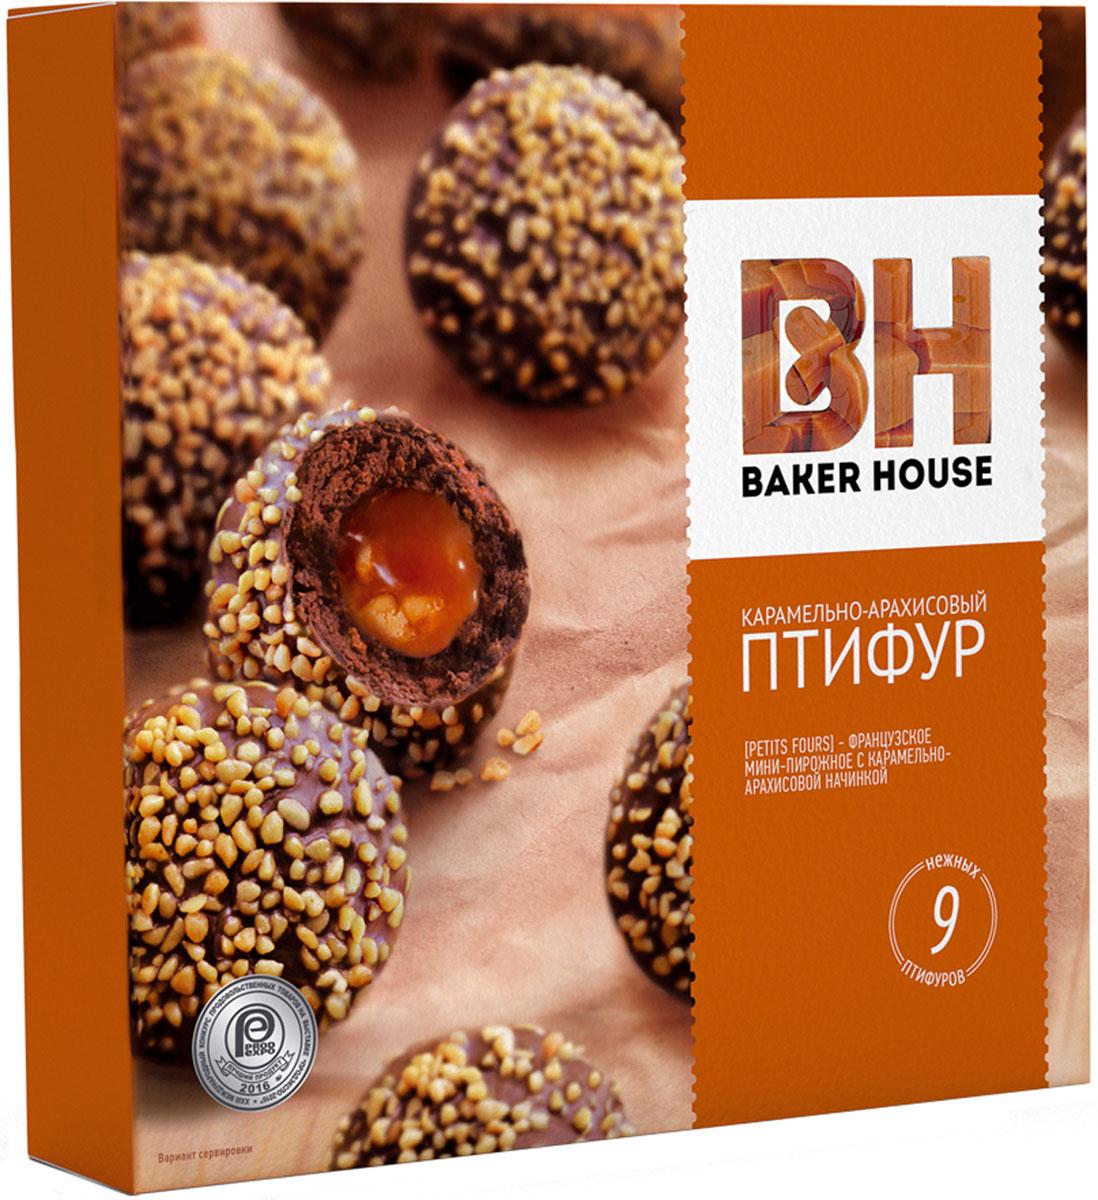 Baker House Птифур пирожные карамель с арахисом, 225 г щербет аль араби мягкий с арахисом 280г